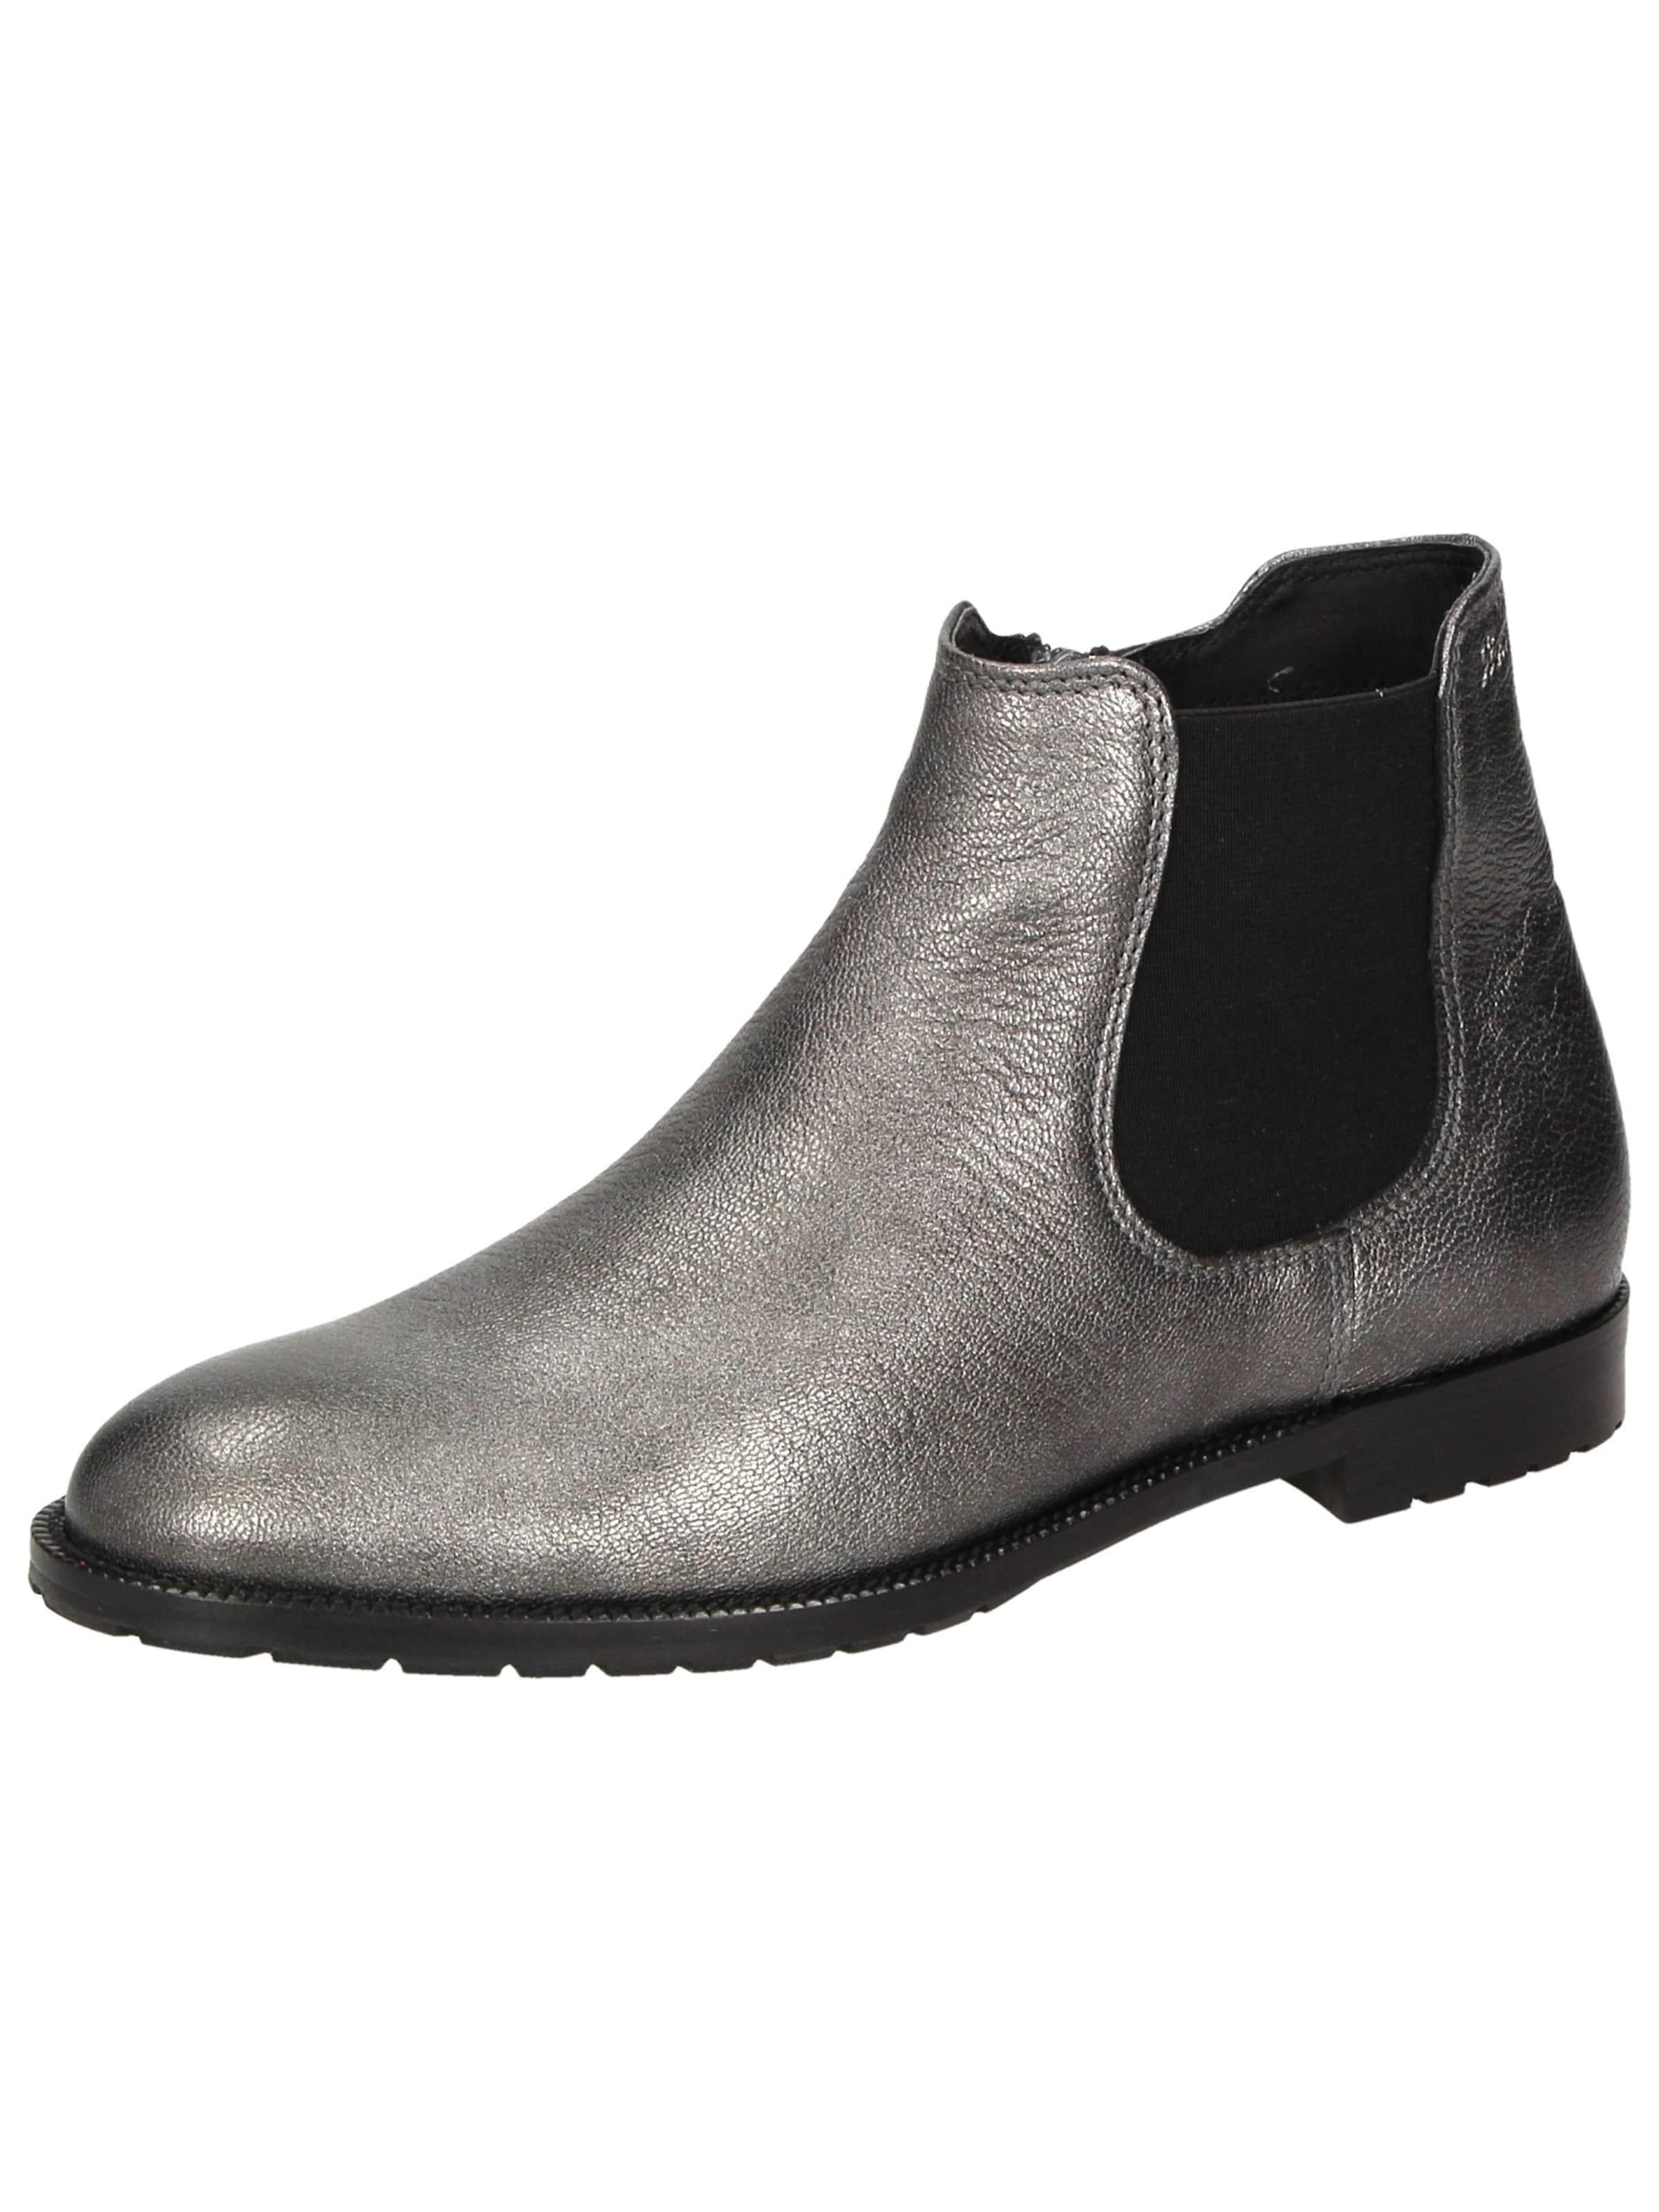 Haltbare Mode billige Schuhe SIOUX | Stiefelette 'Erja' Schuhe Gut getragene Schuhe